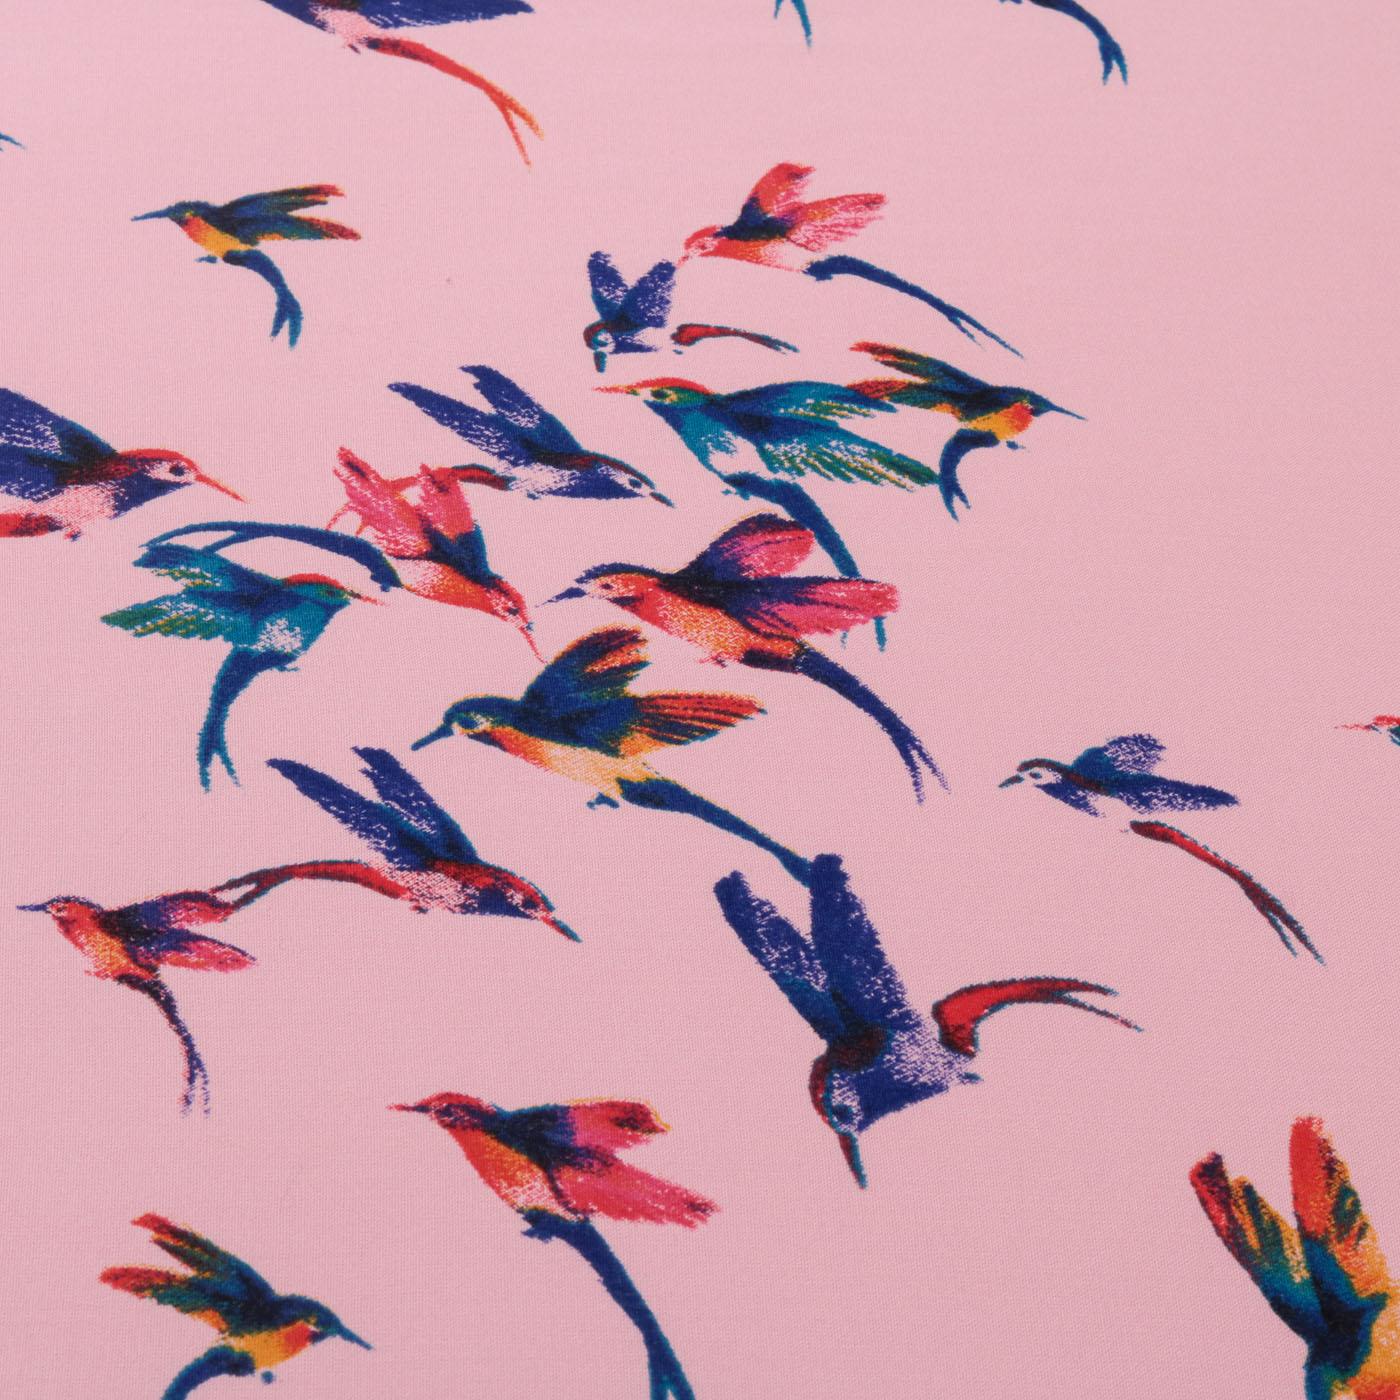 Tecido Viscose Estampado Pássaros 100% Viscose Rosa